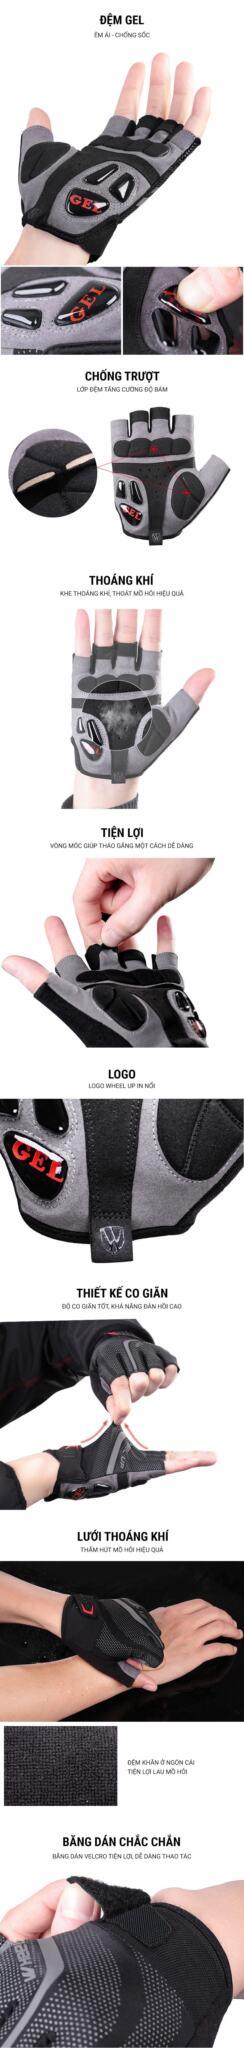 Găng tay xe đạp Wheel Up GEL (GL-03)